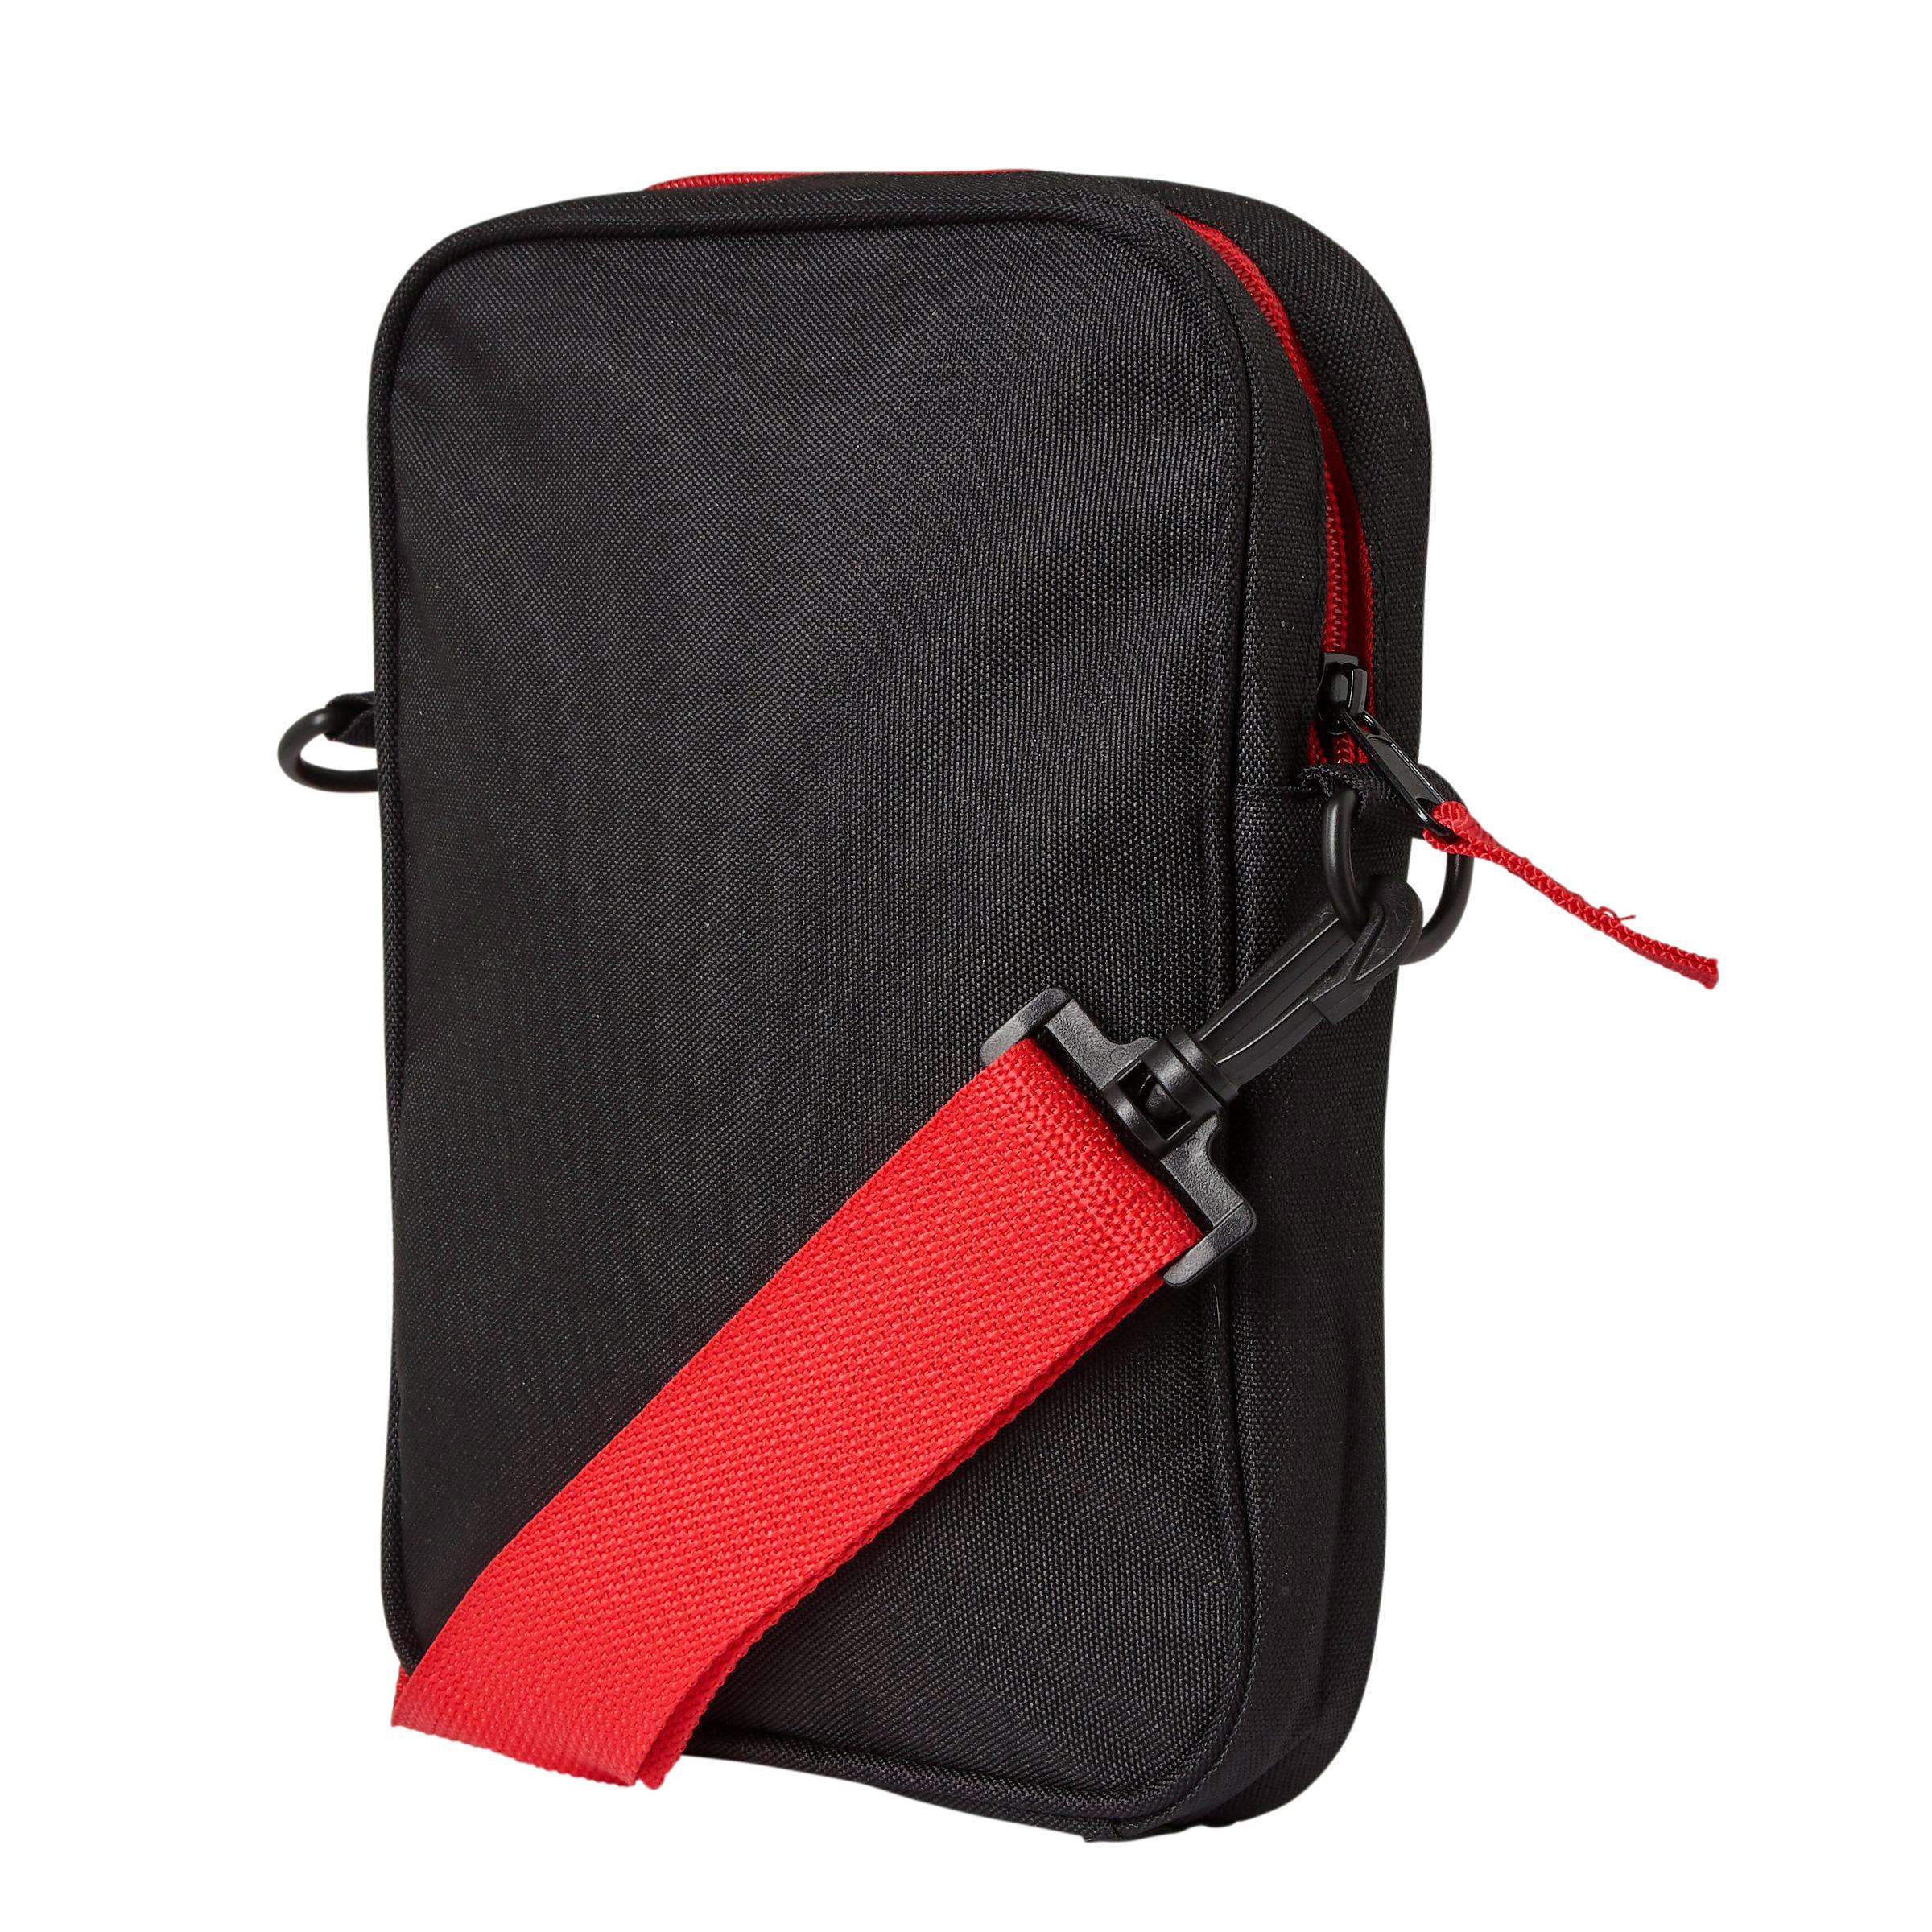 b82a78fb23f Heren tassen bij wehkamp - Gratis bezorging vanaf 20.-